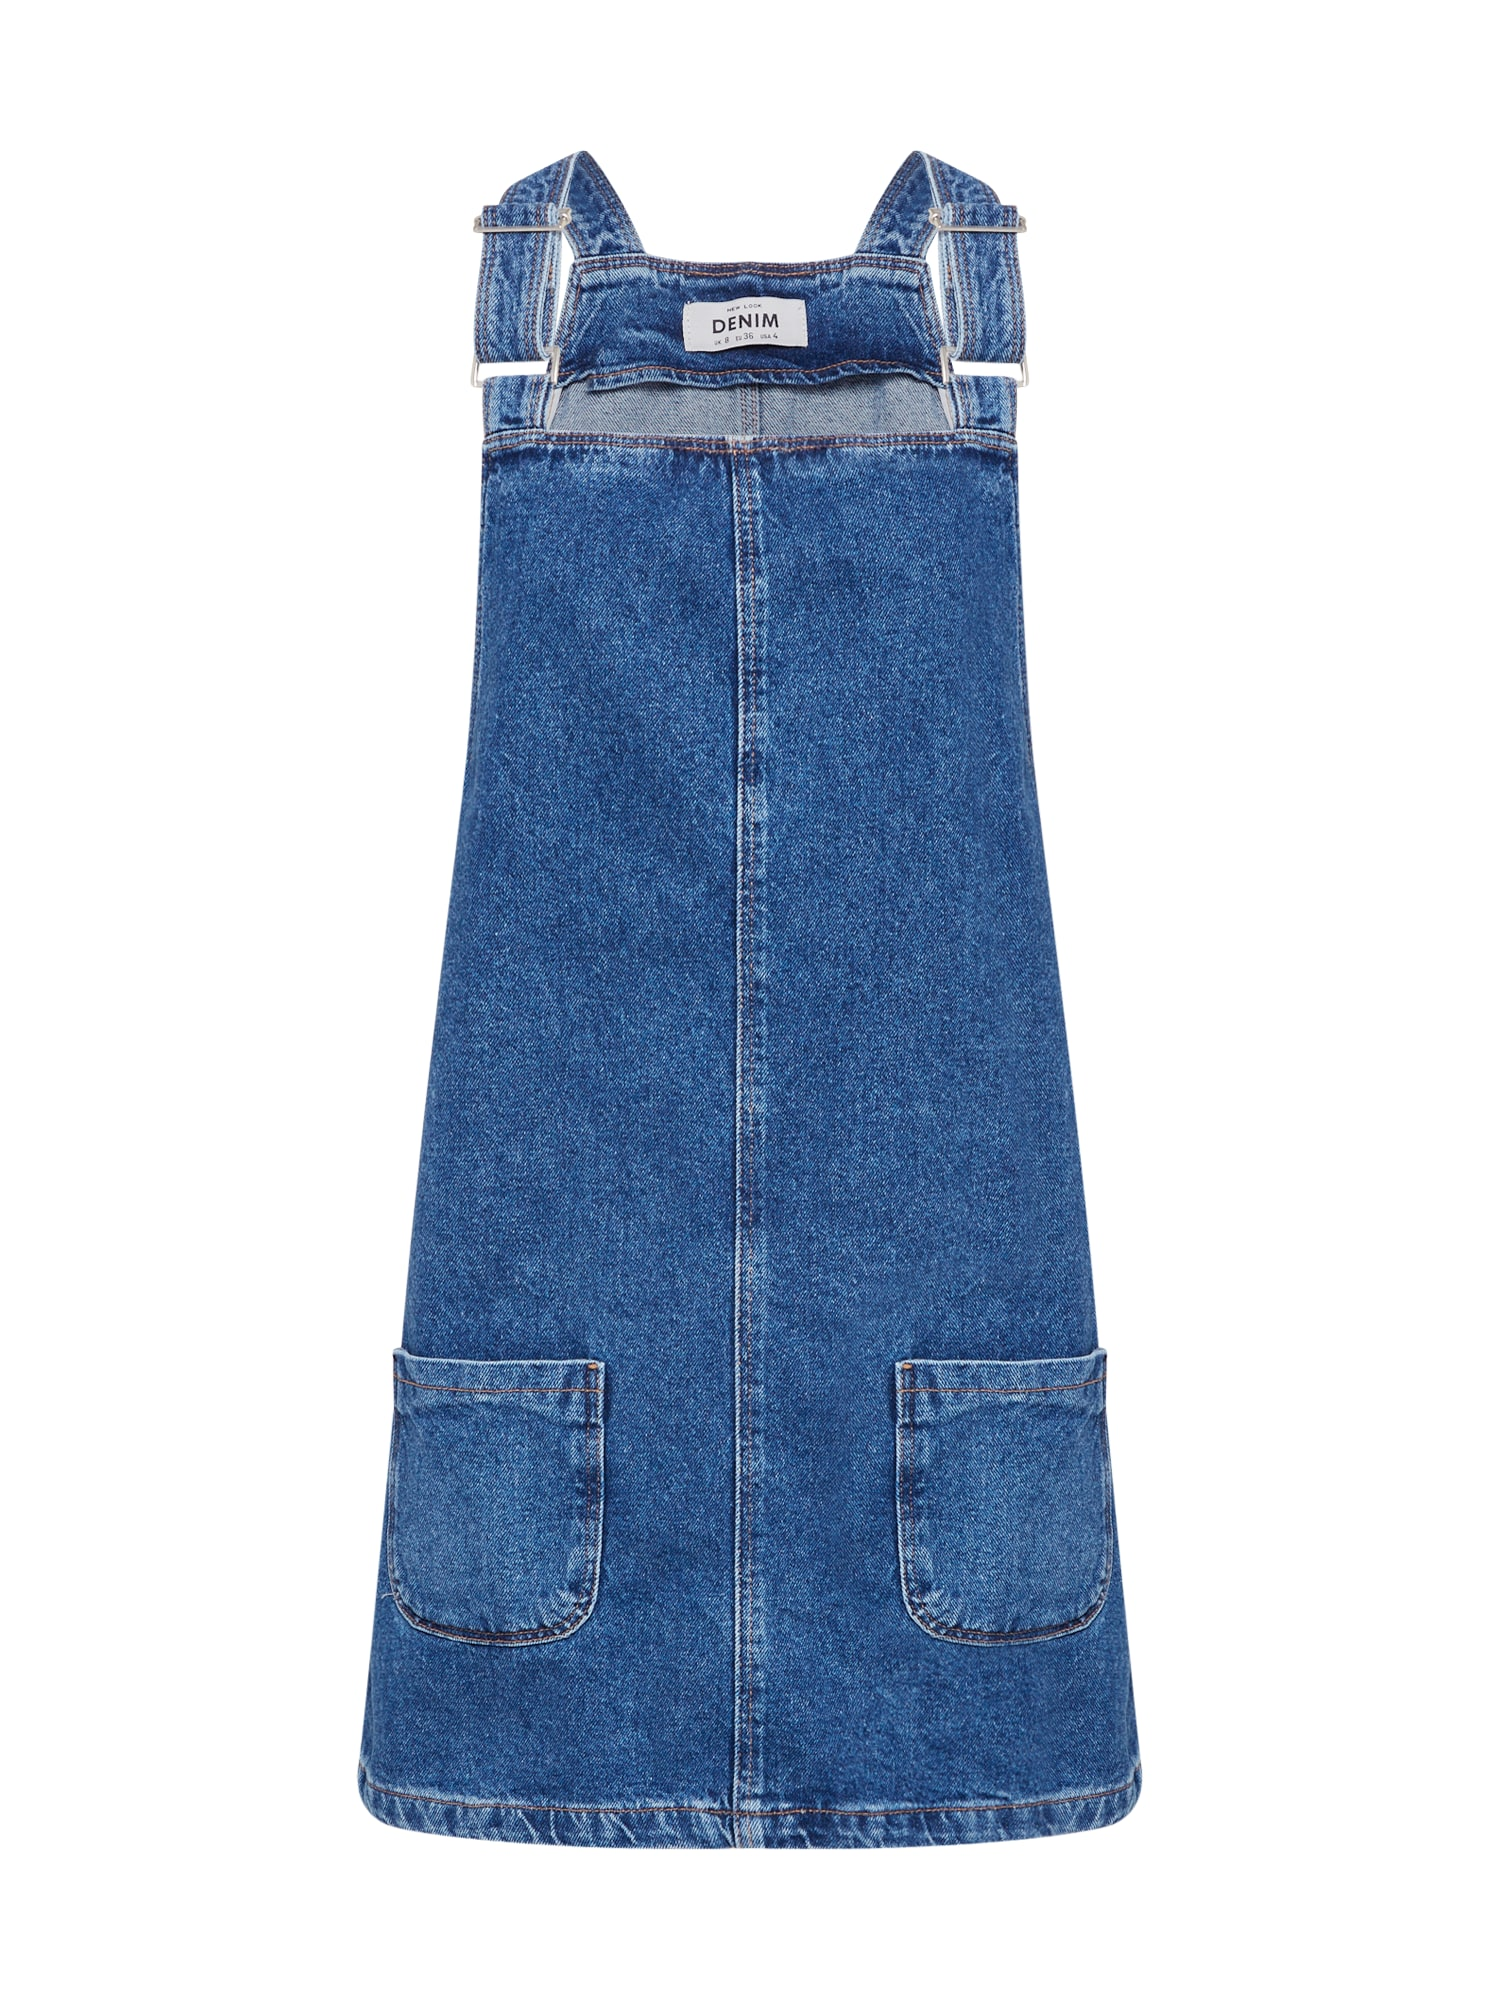 Šaty CHARLOTTE BUCKLE PINNY modrá džínovina NEW LOOK